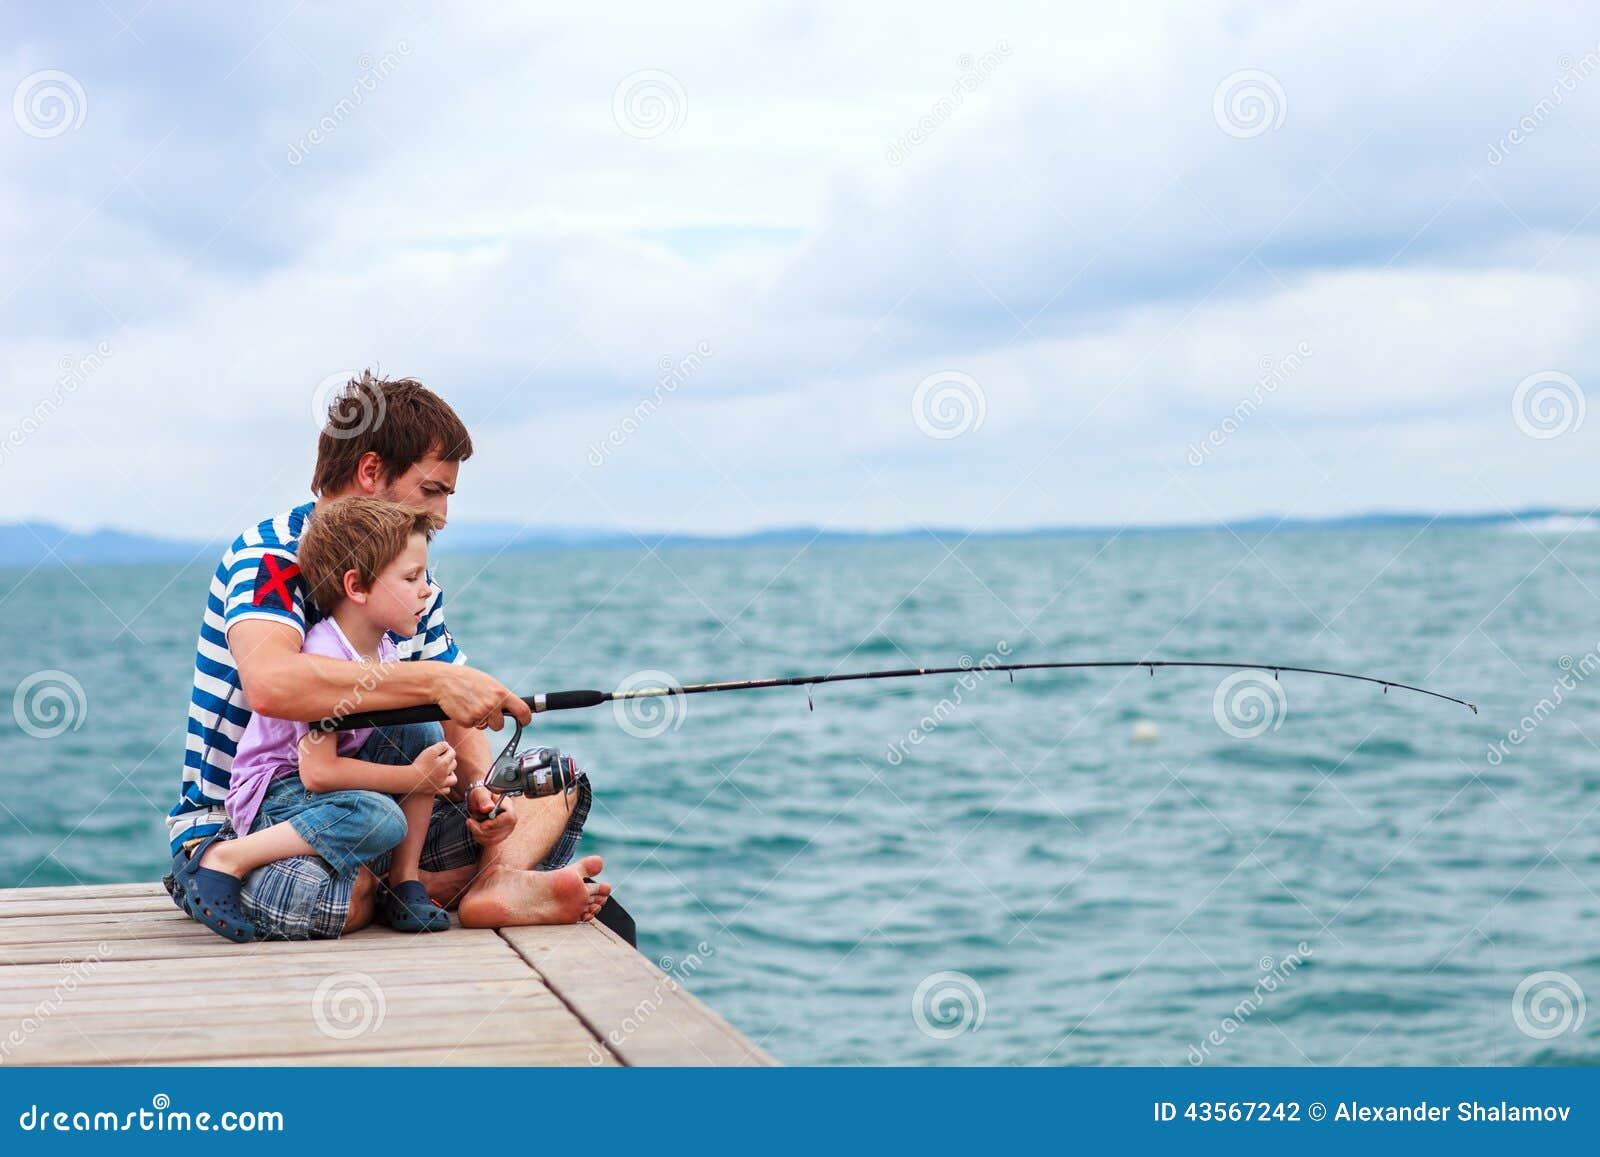 Vater- und Sohnfischen zusammen